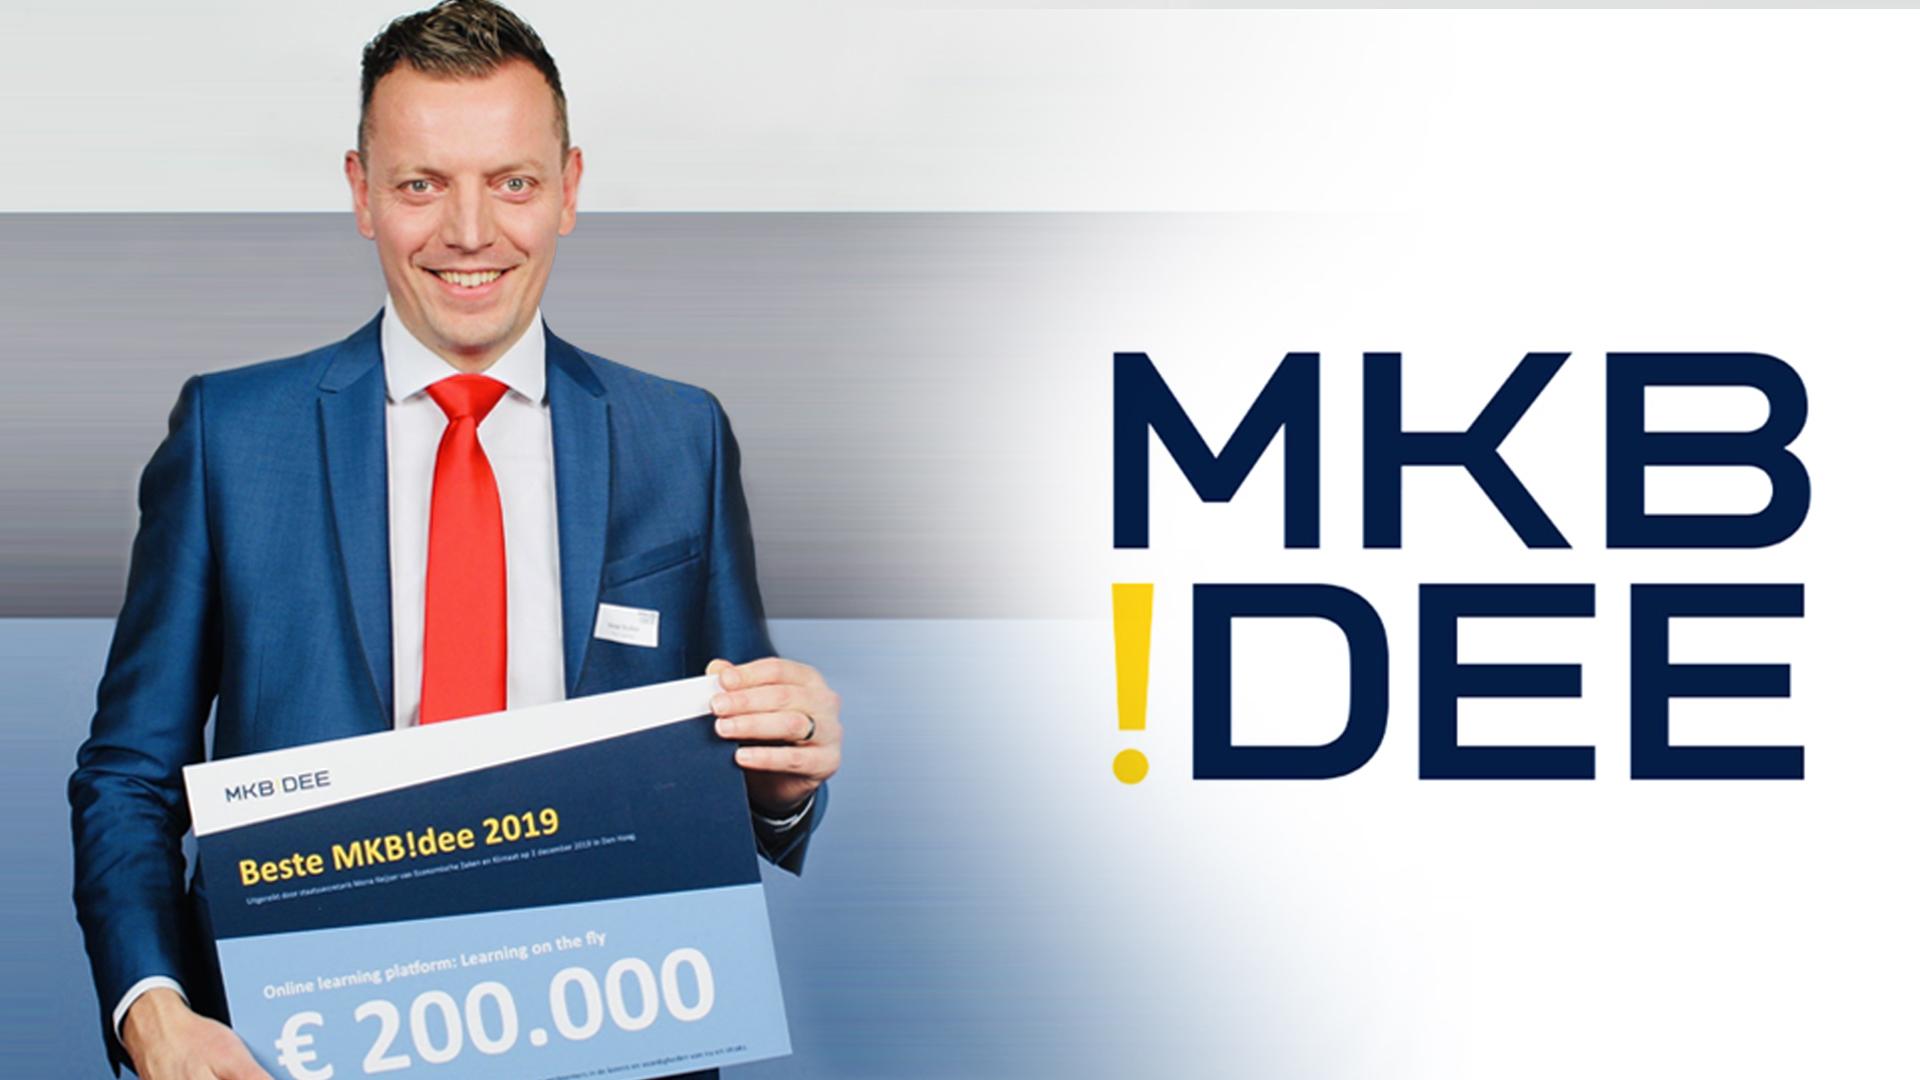 MKB!dee